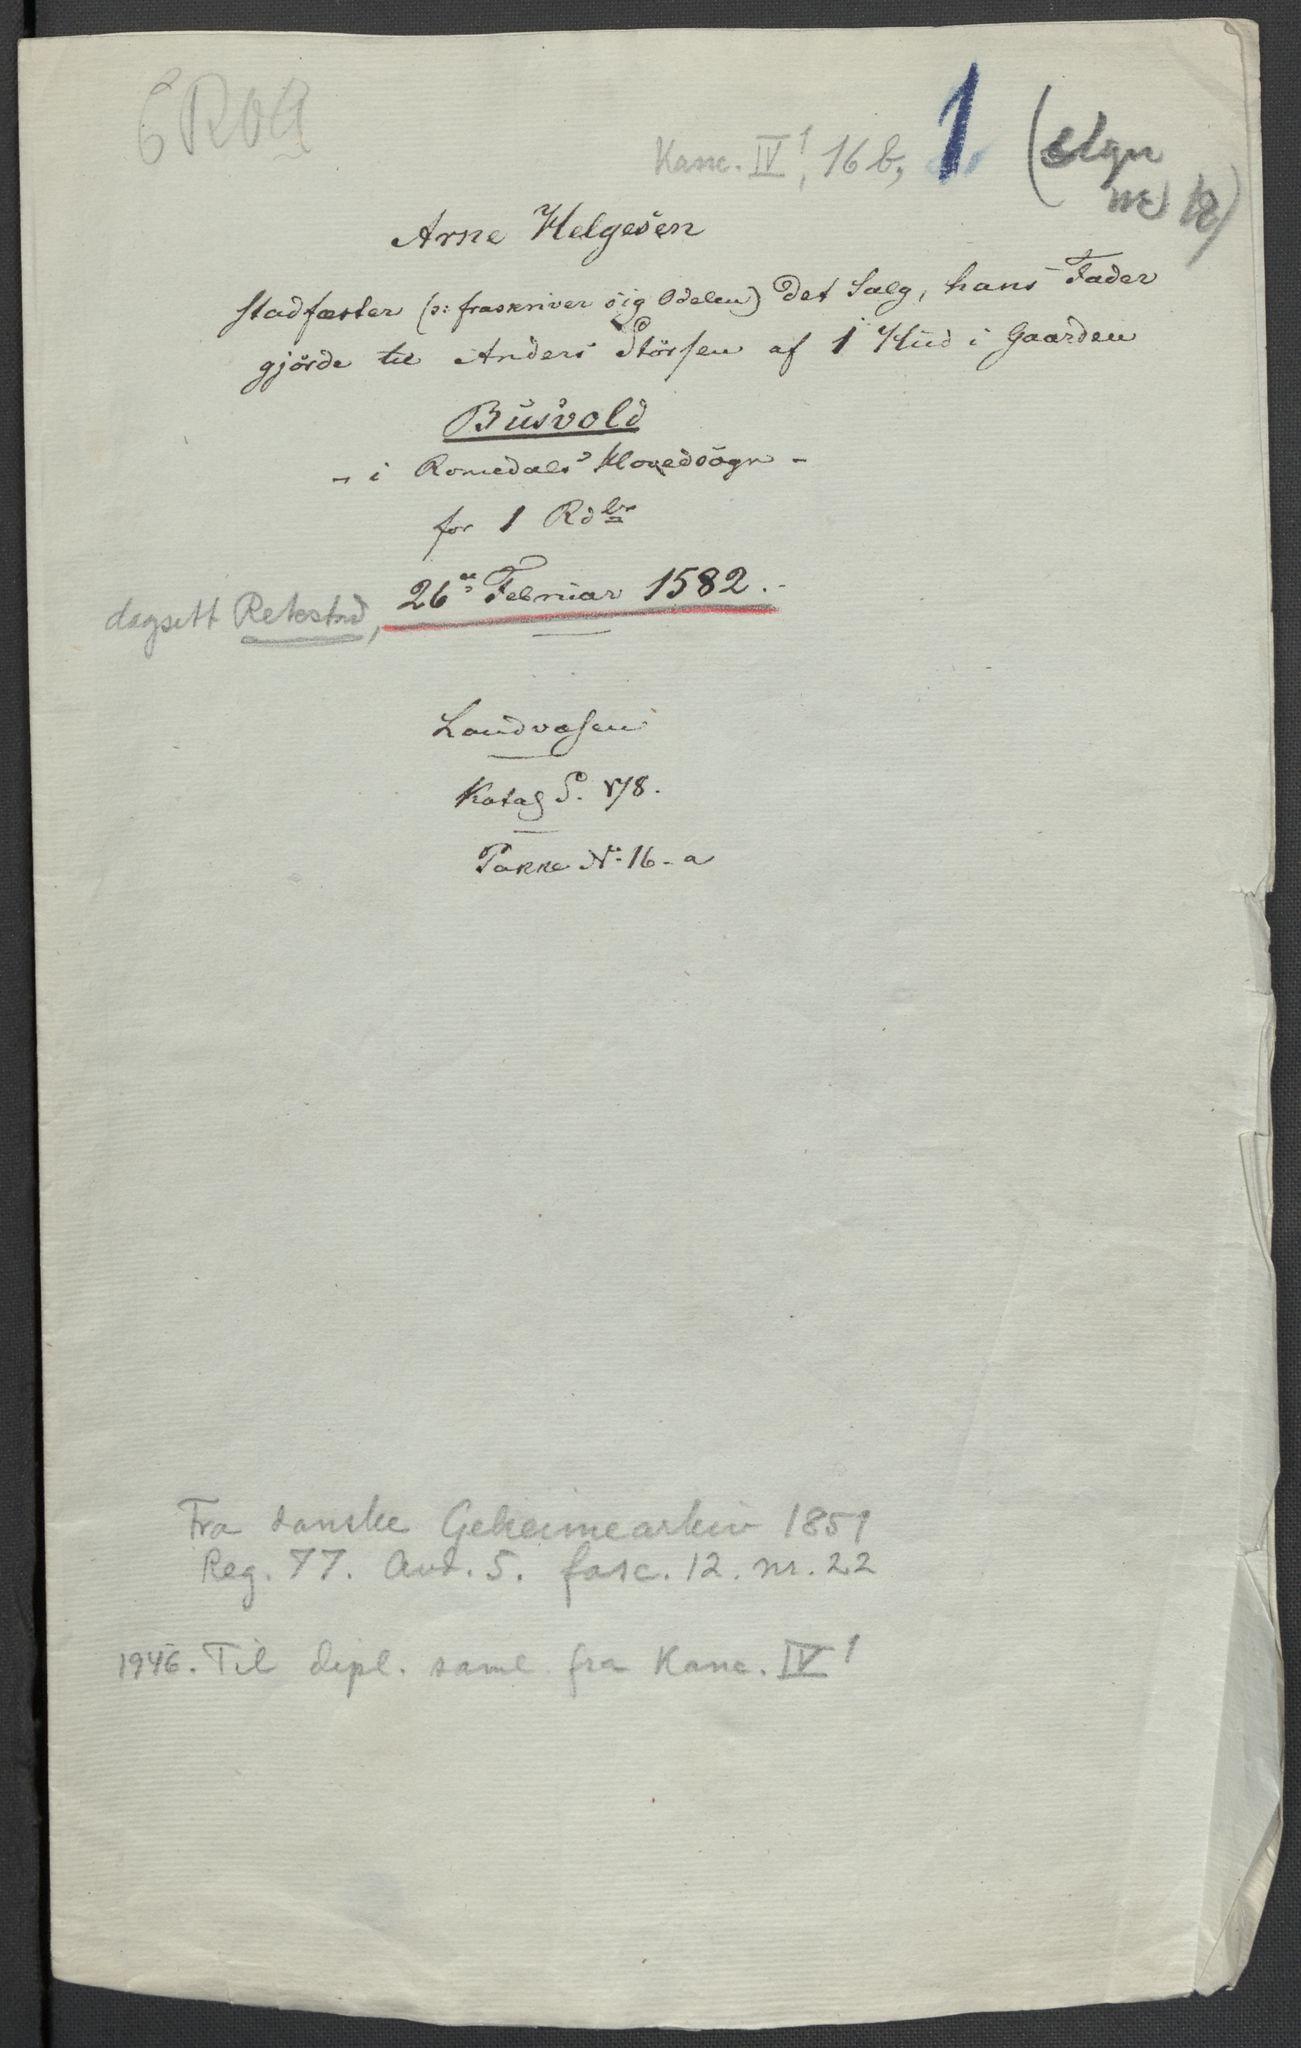 RA, Riksarkivets diplomsamling, F02/L0084: Dokumenter, 1582, s. 19